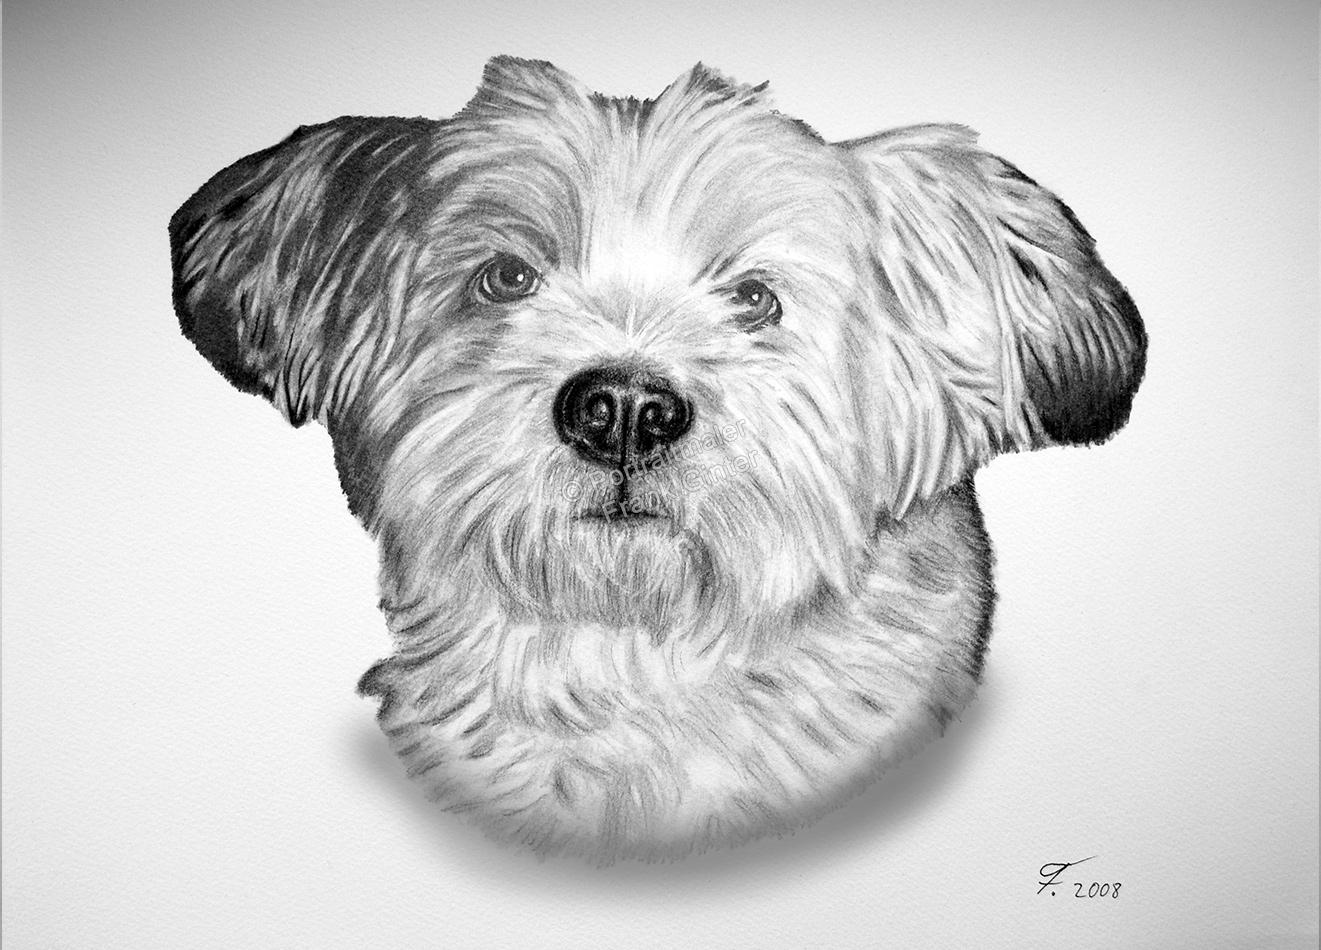 Kohlezeichnung vom Hund, Tierzeichnungen, Kohlezeichnungen, Tierportraits mit Kohlestift